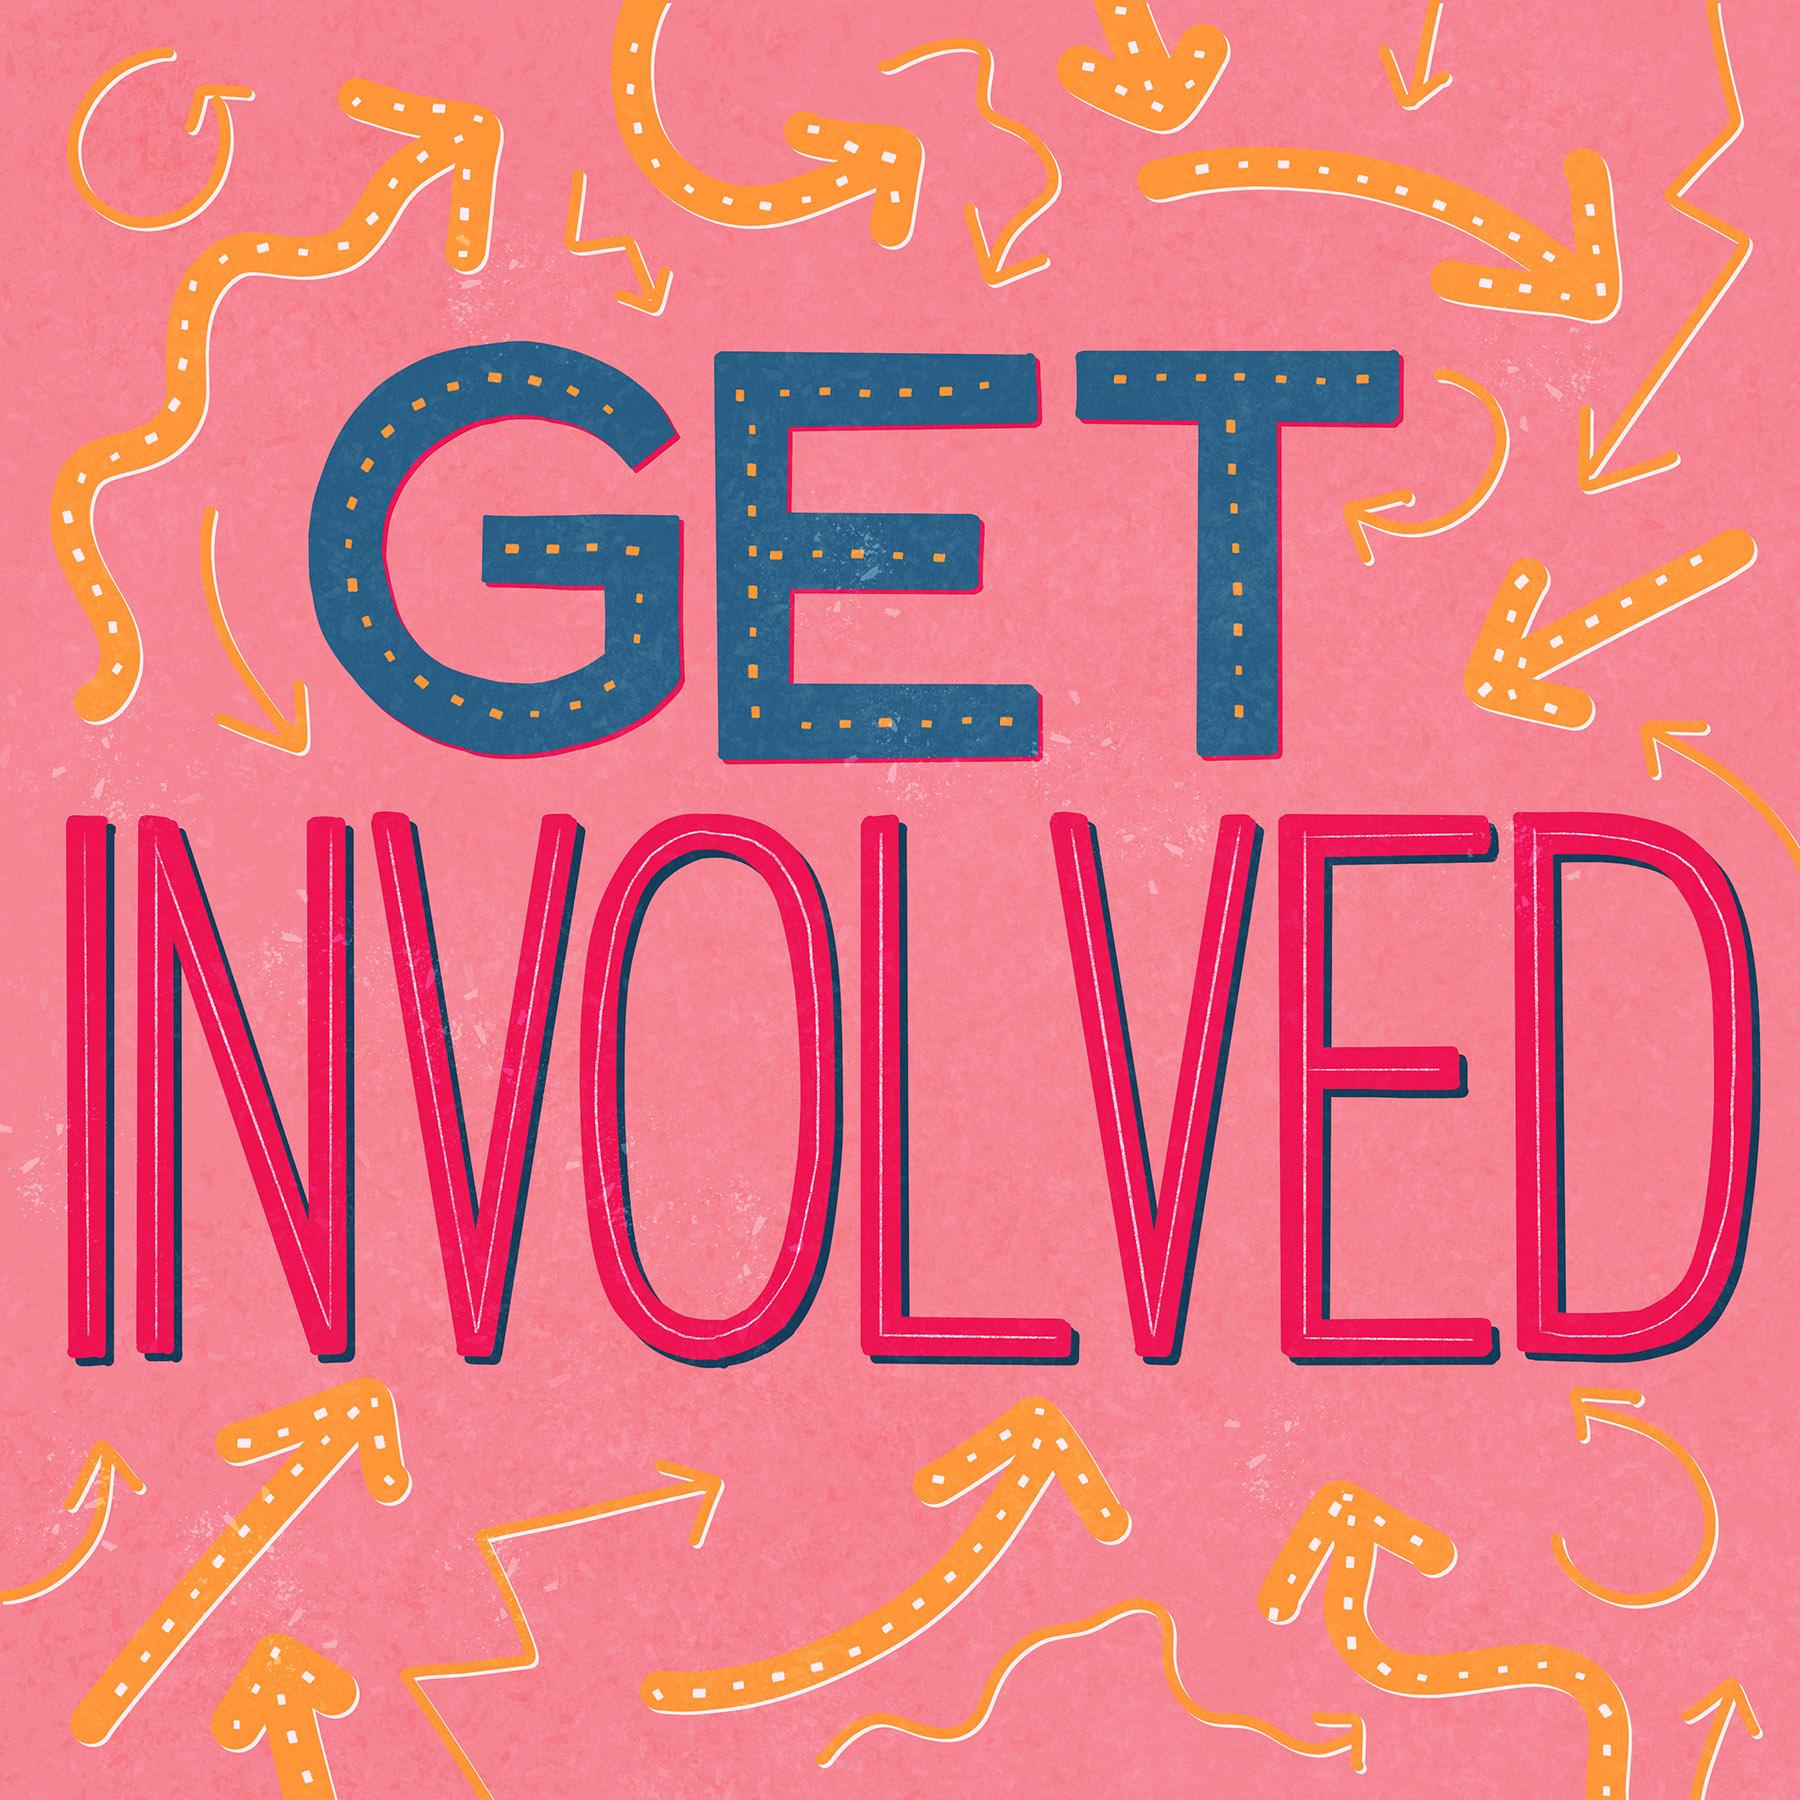 Get Involved Lettering Illustration